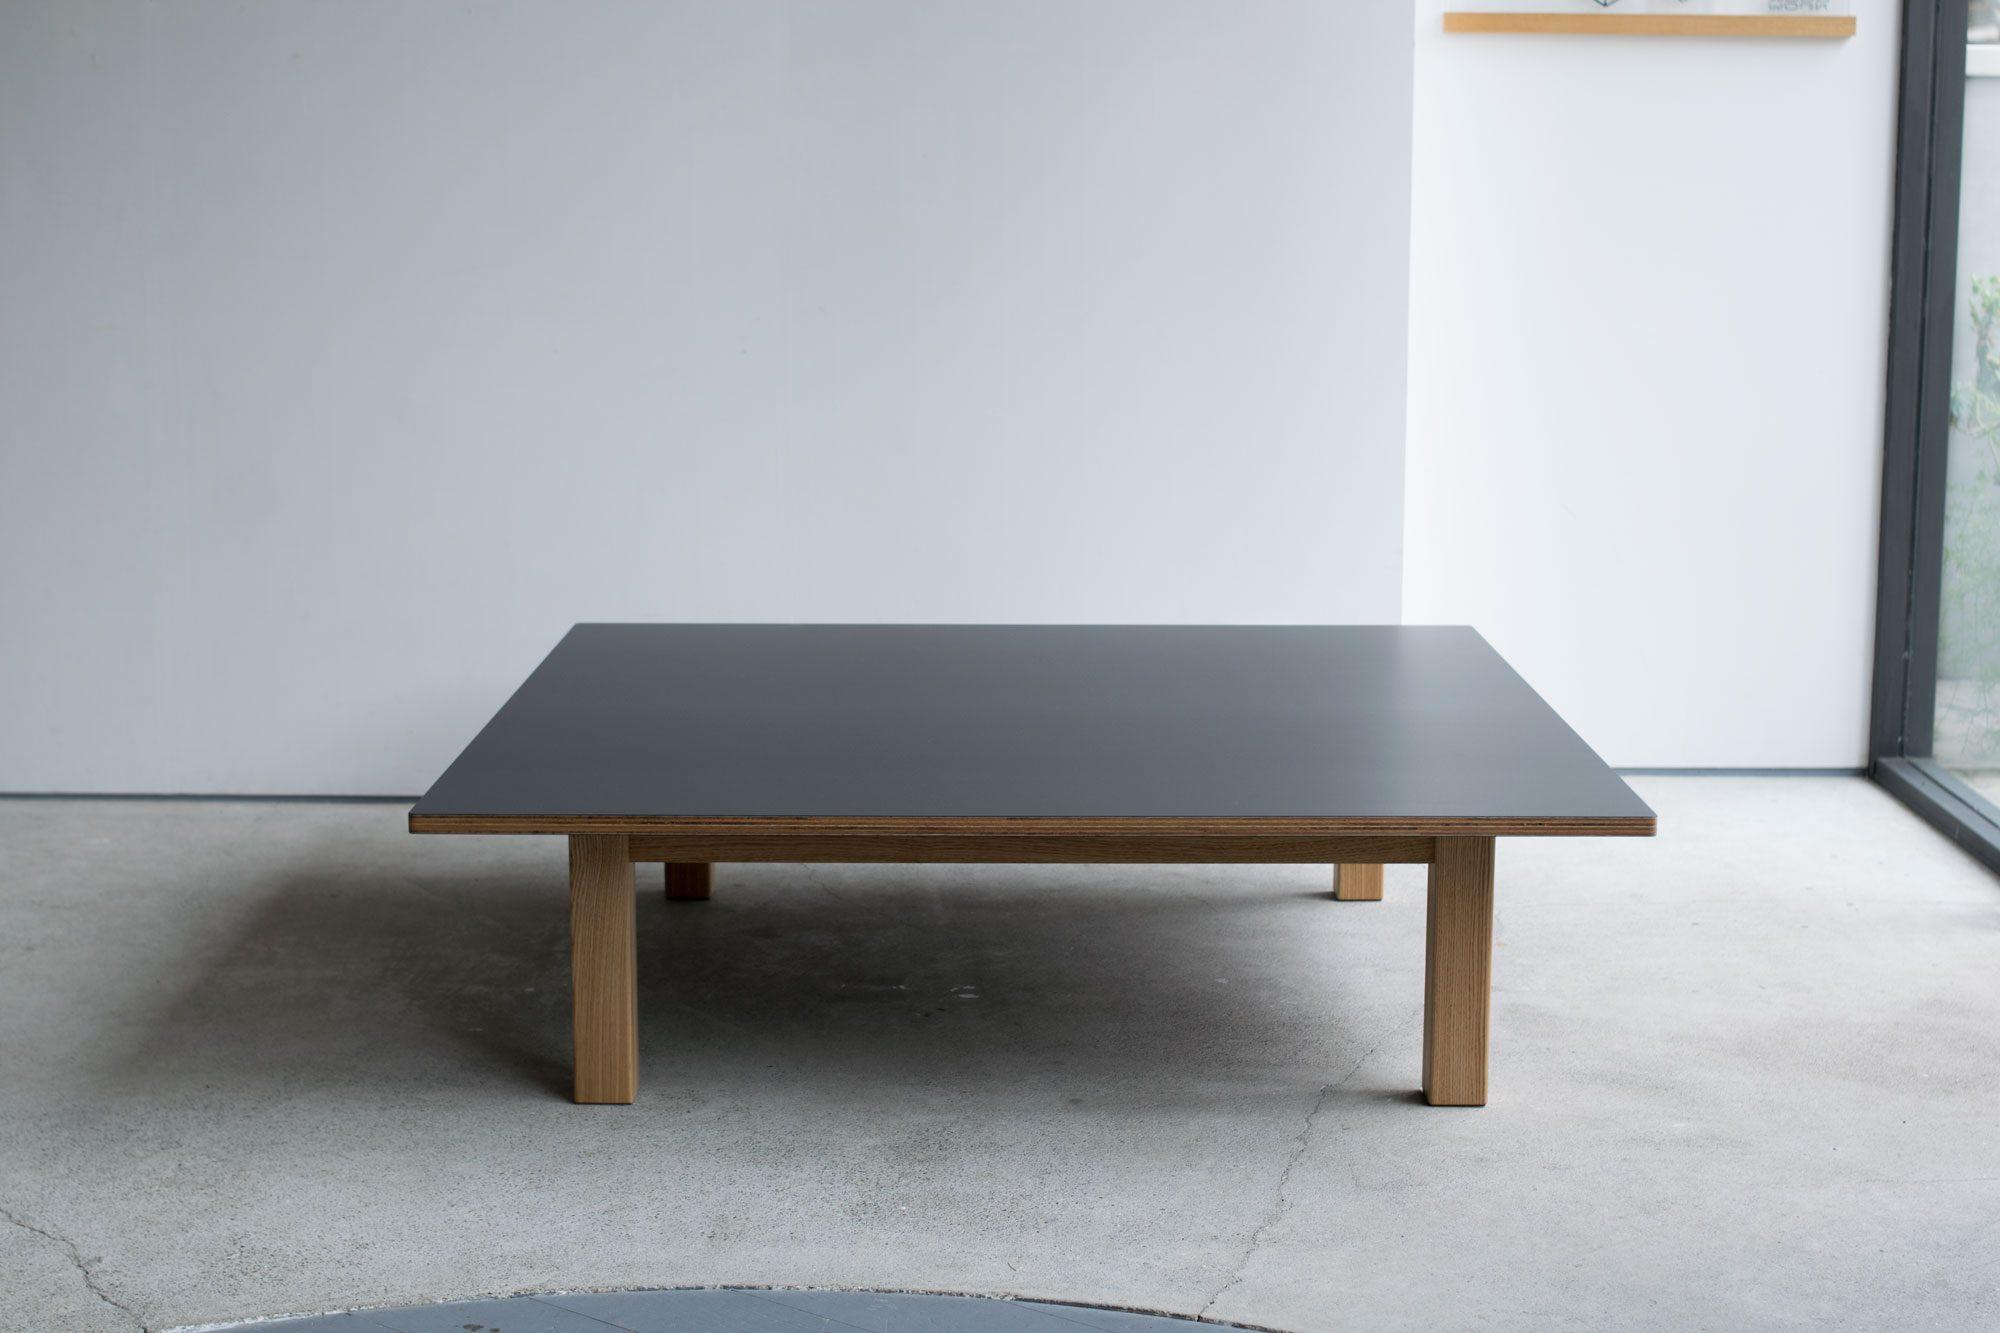 ラーチ合板を天板表面に貼ったローテーブル